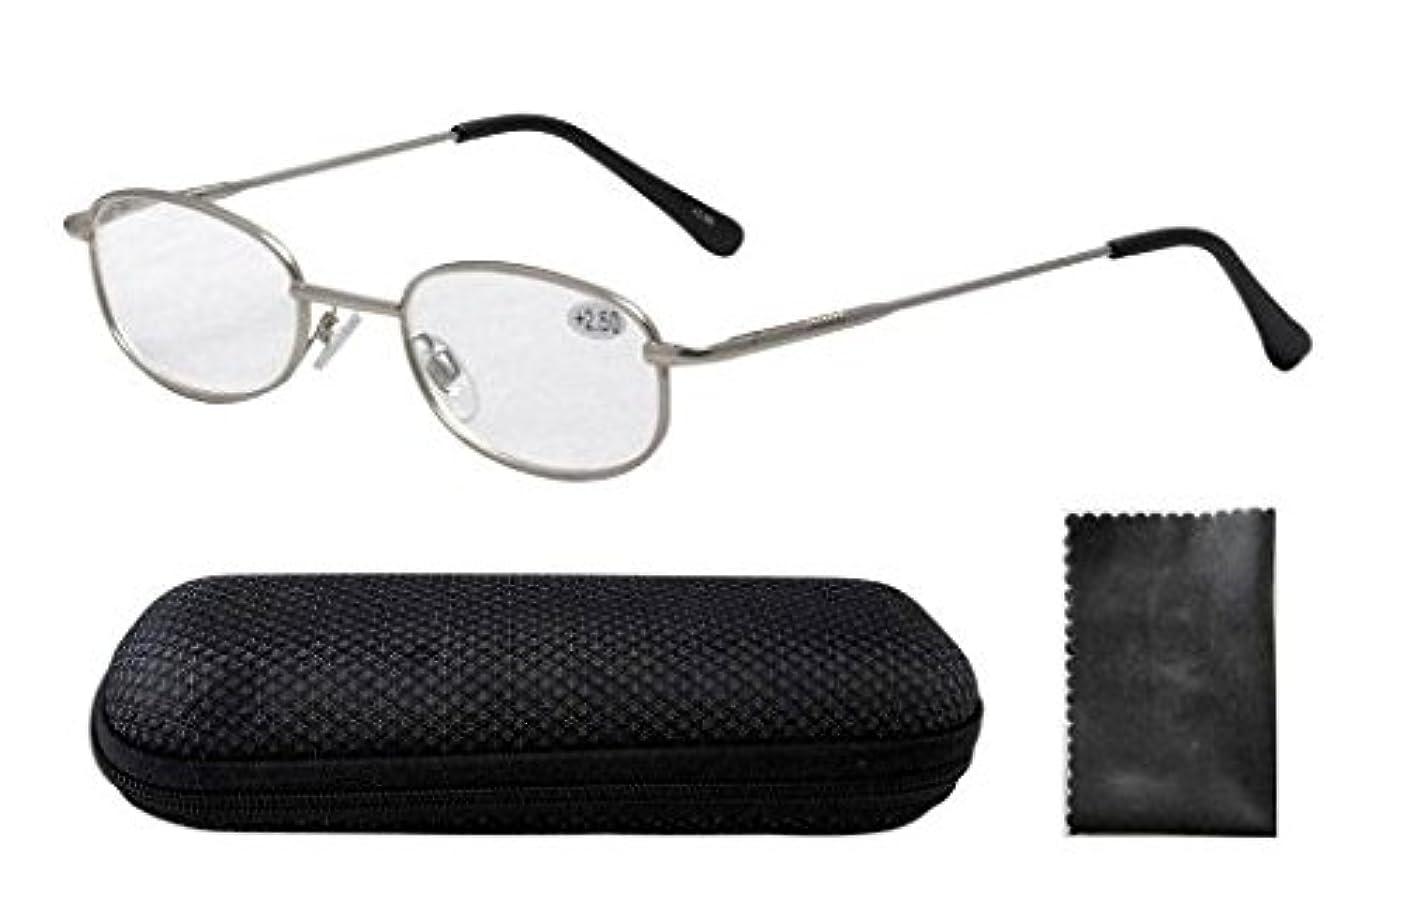 アイキーパー(Eyekepper) メタル フレーム バネ蝶番 テンプル メンズ レディース 男 女 兼用 リーディンググラス シニアグラス 老眼鏡 ケース&クロス付き +1.25 いぶし銀